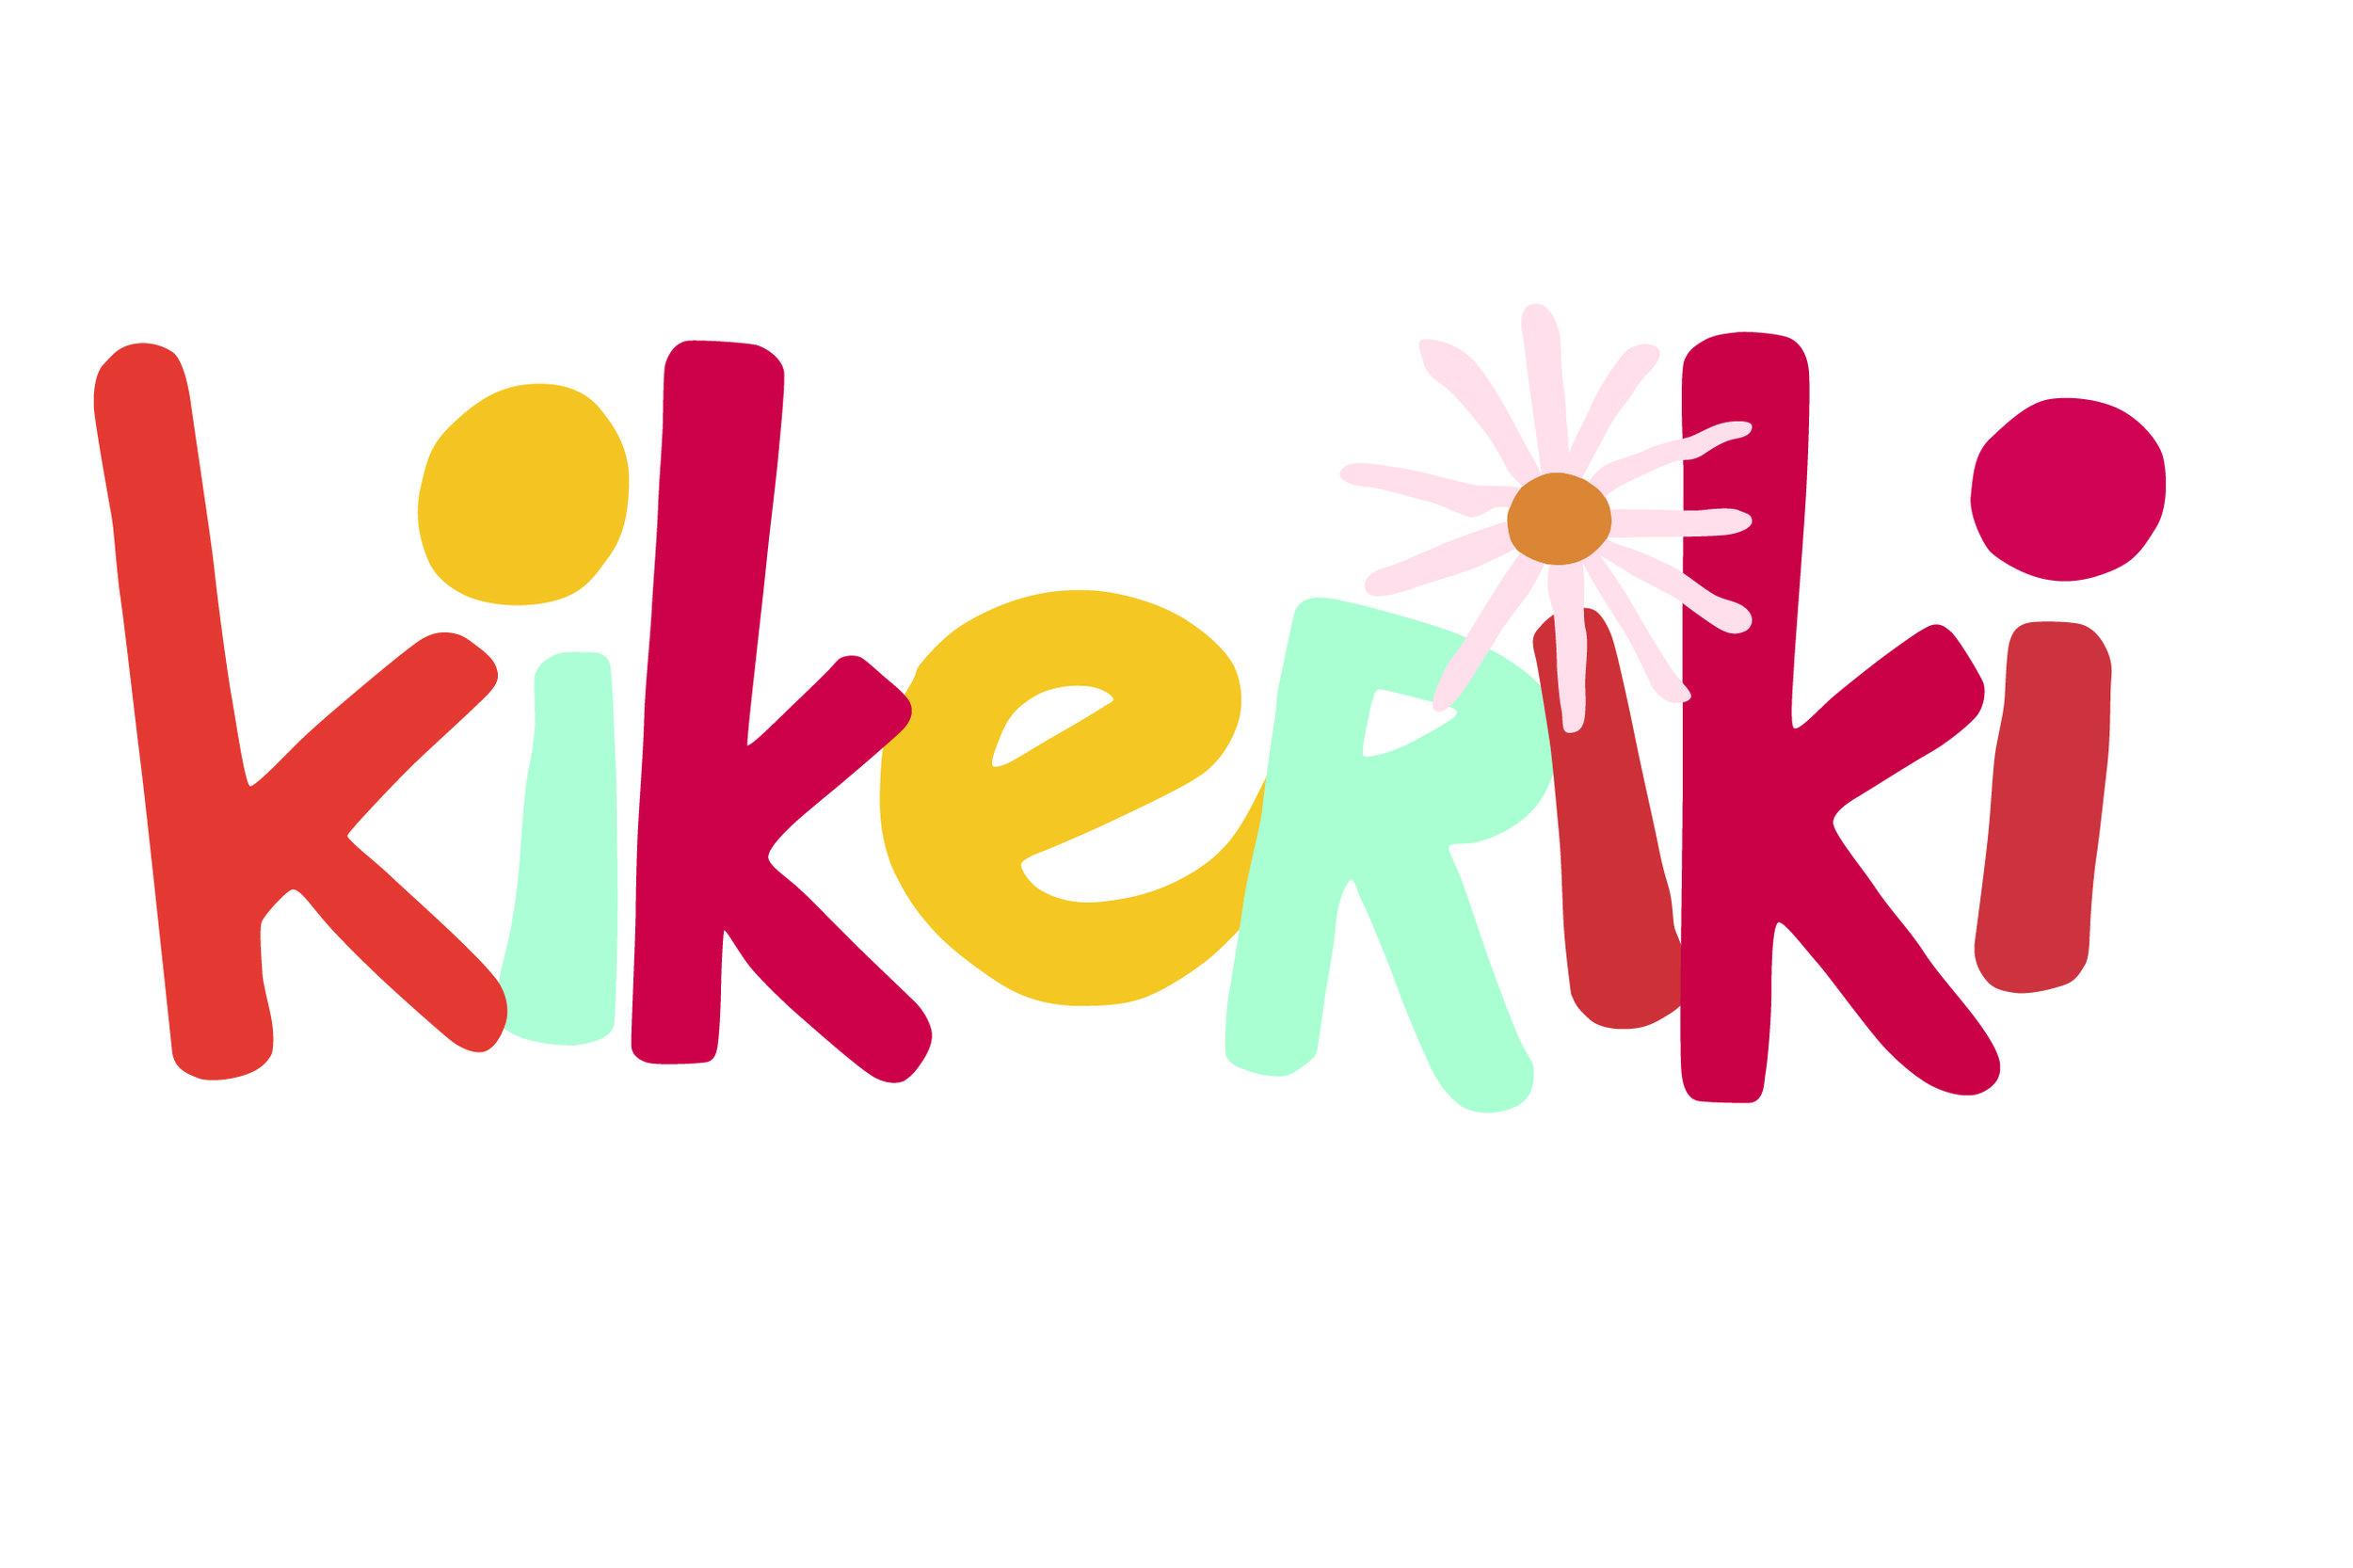 Kikeriki_Logo_02.jpg